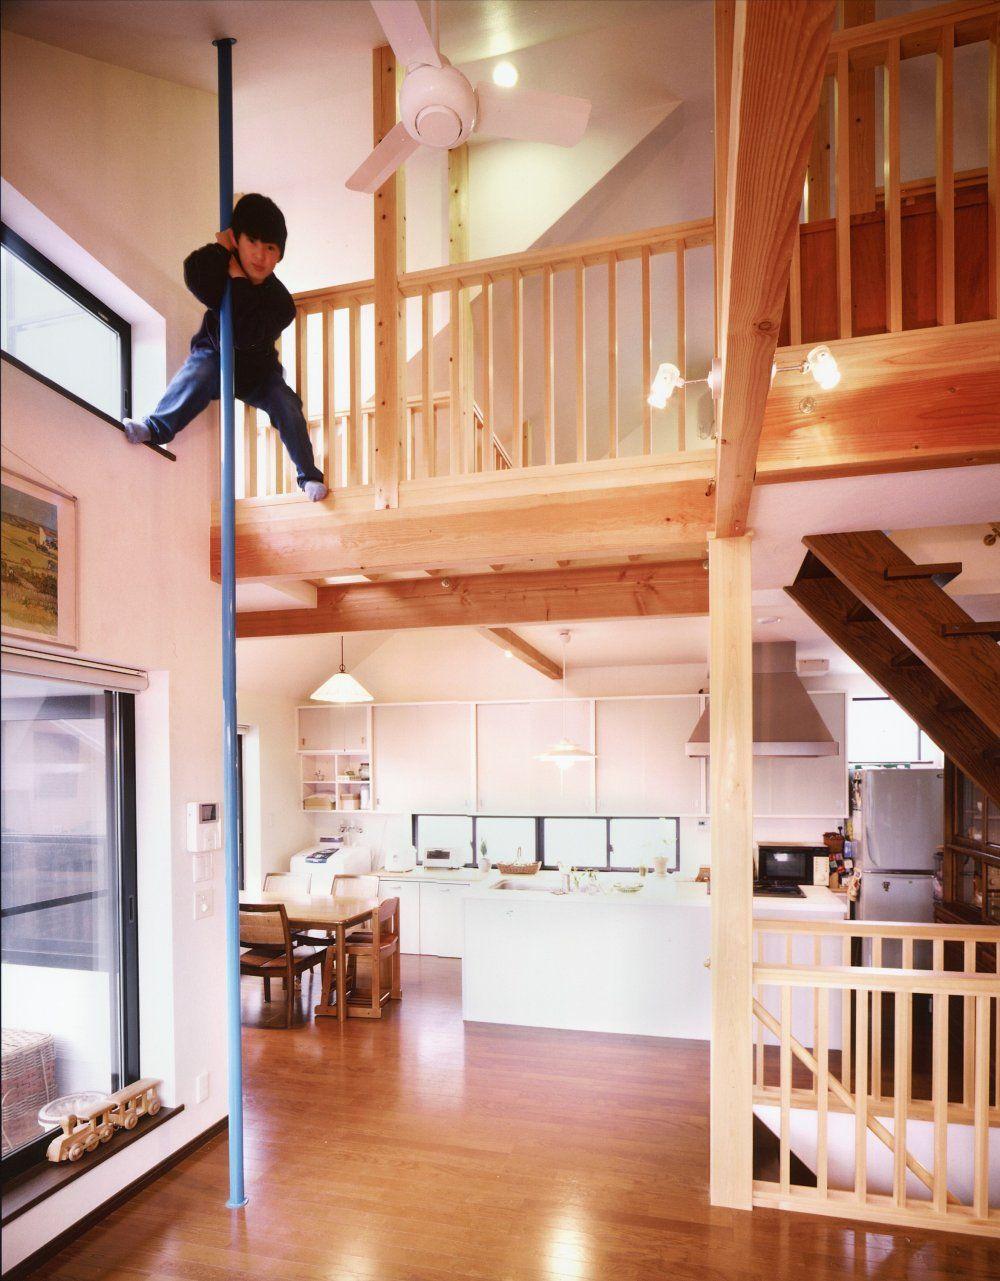 現代の忍者屋敷 からくり仕掛け満載の家づくり Modern Ninja House